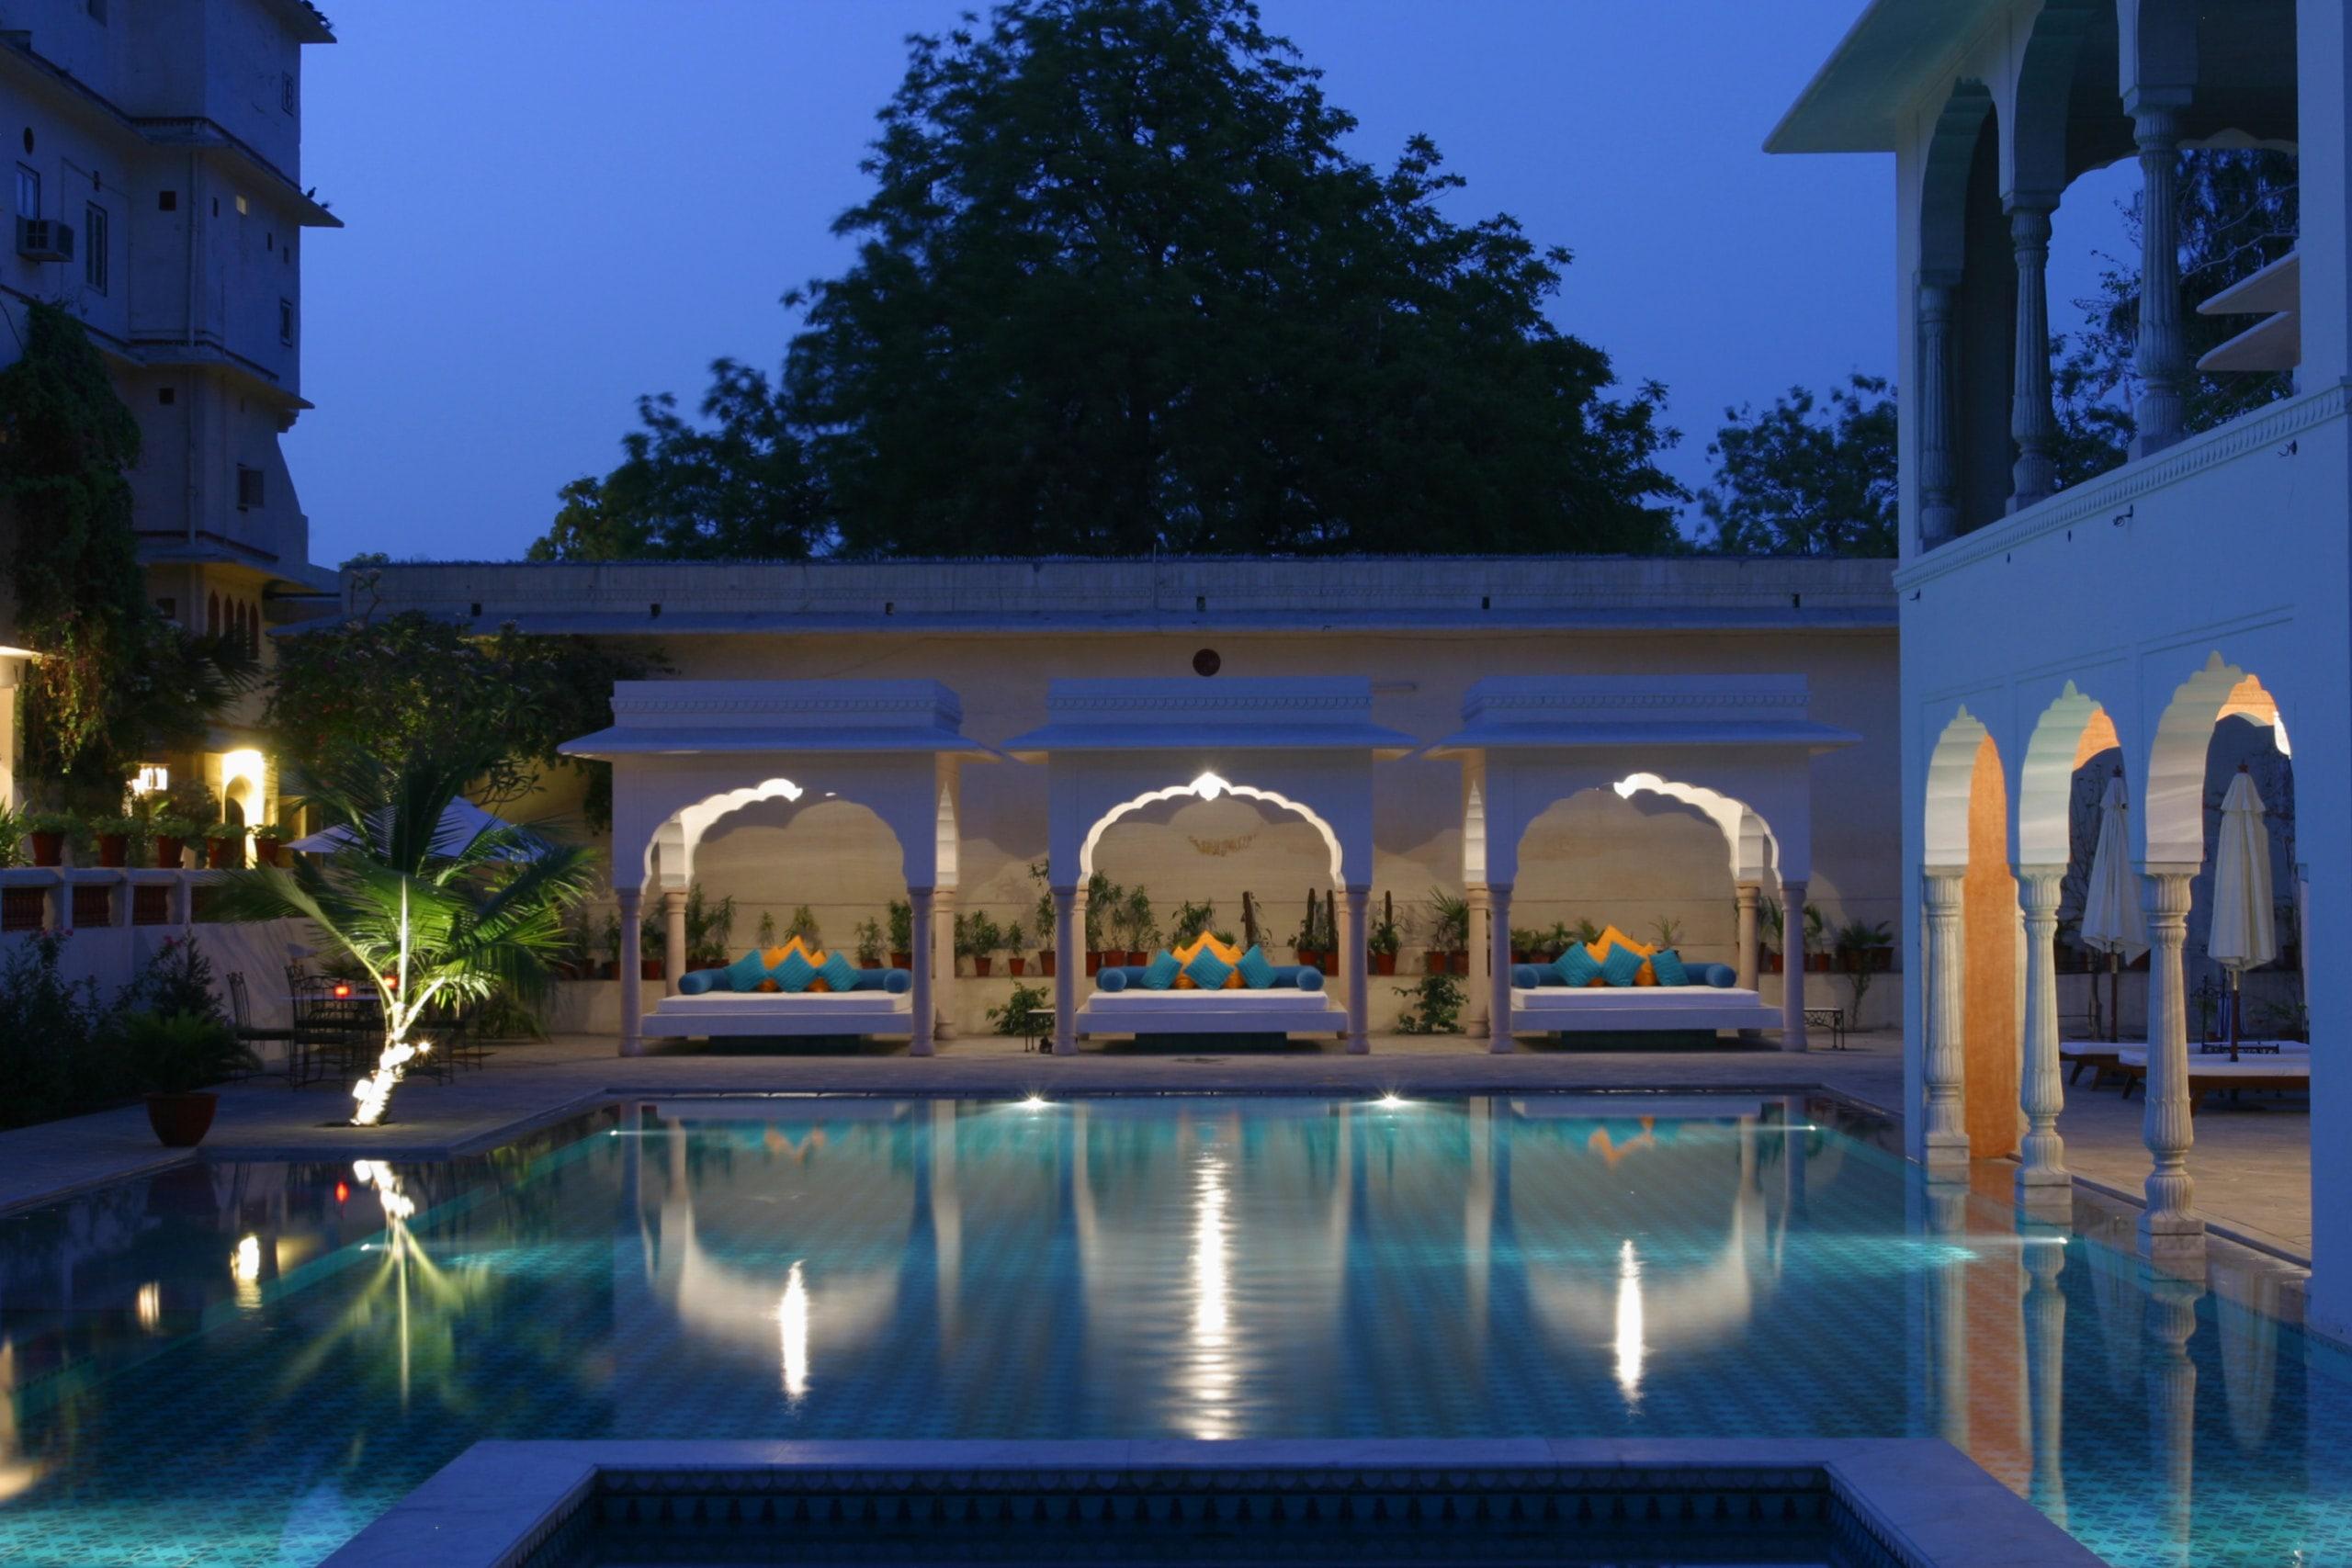 India_Rajasthan_Samove-Haveli